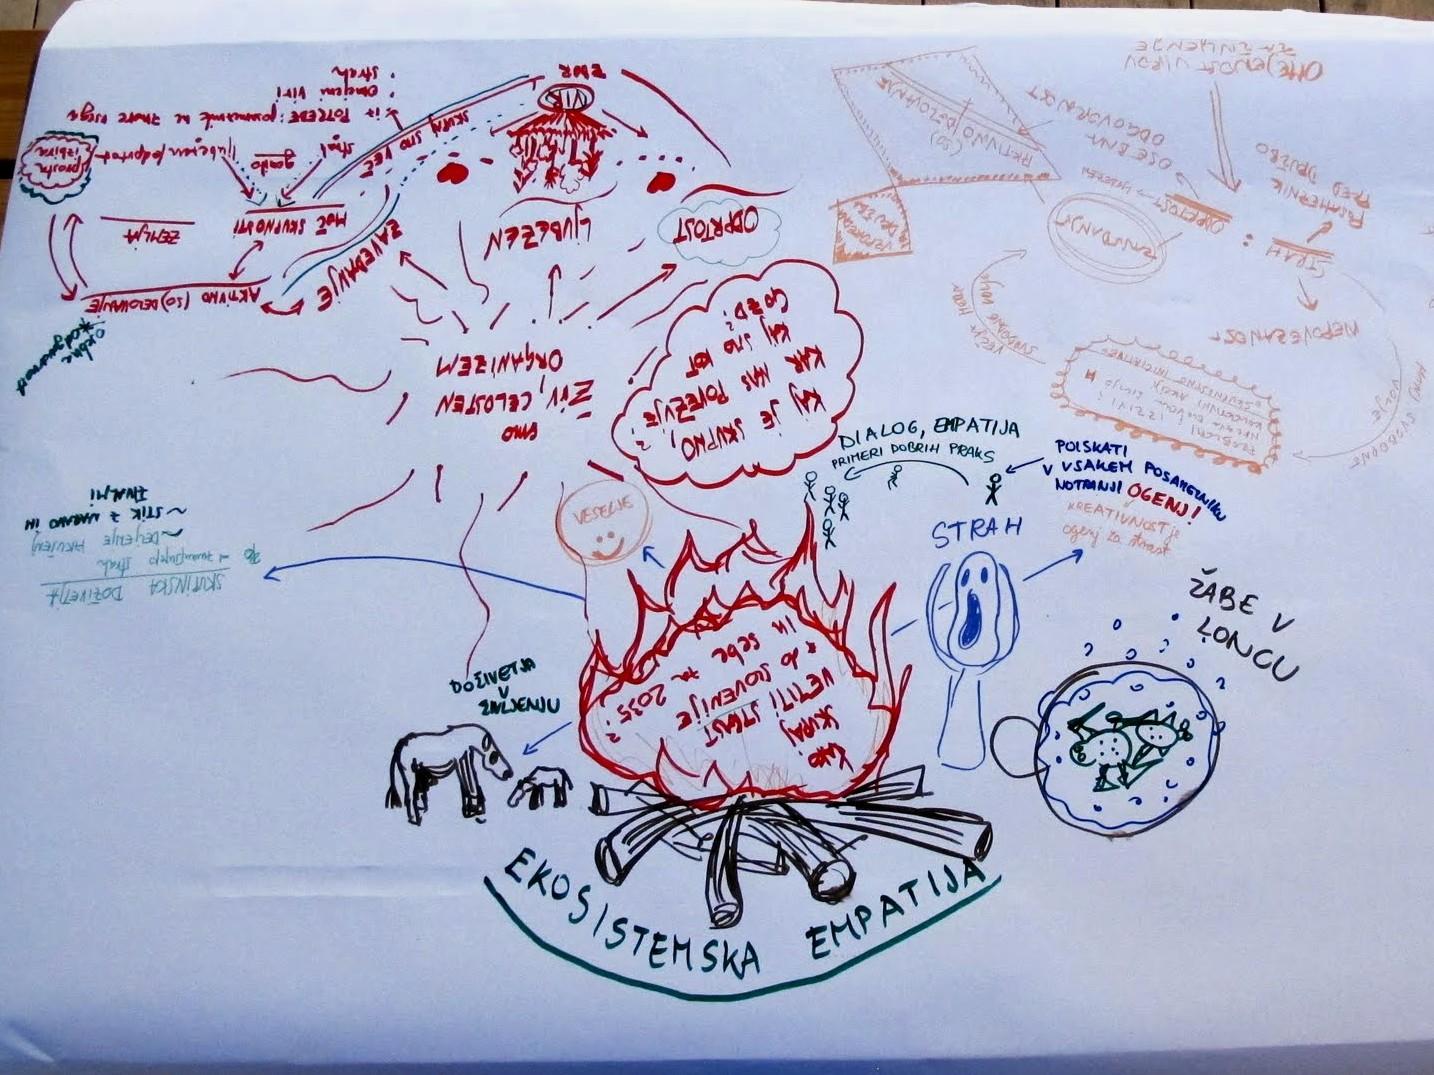 Skupina riše, piše in razmišlja